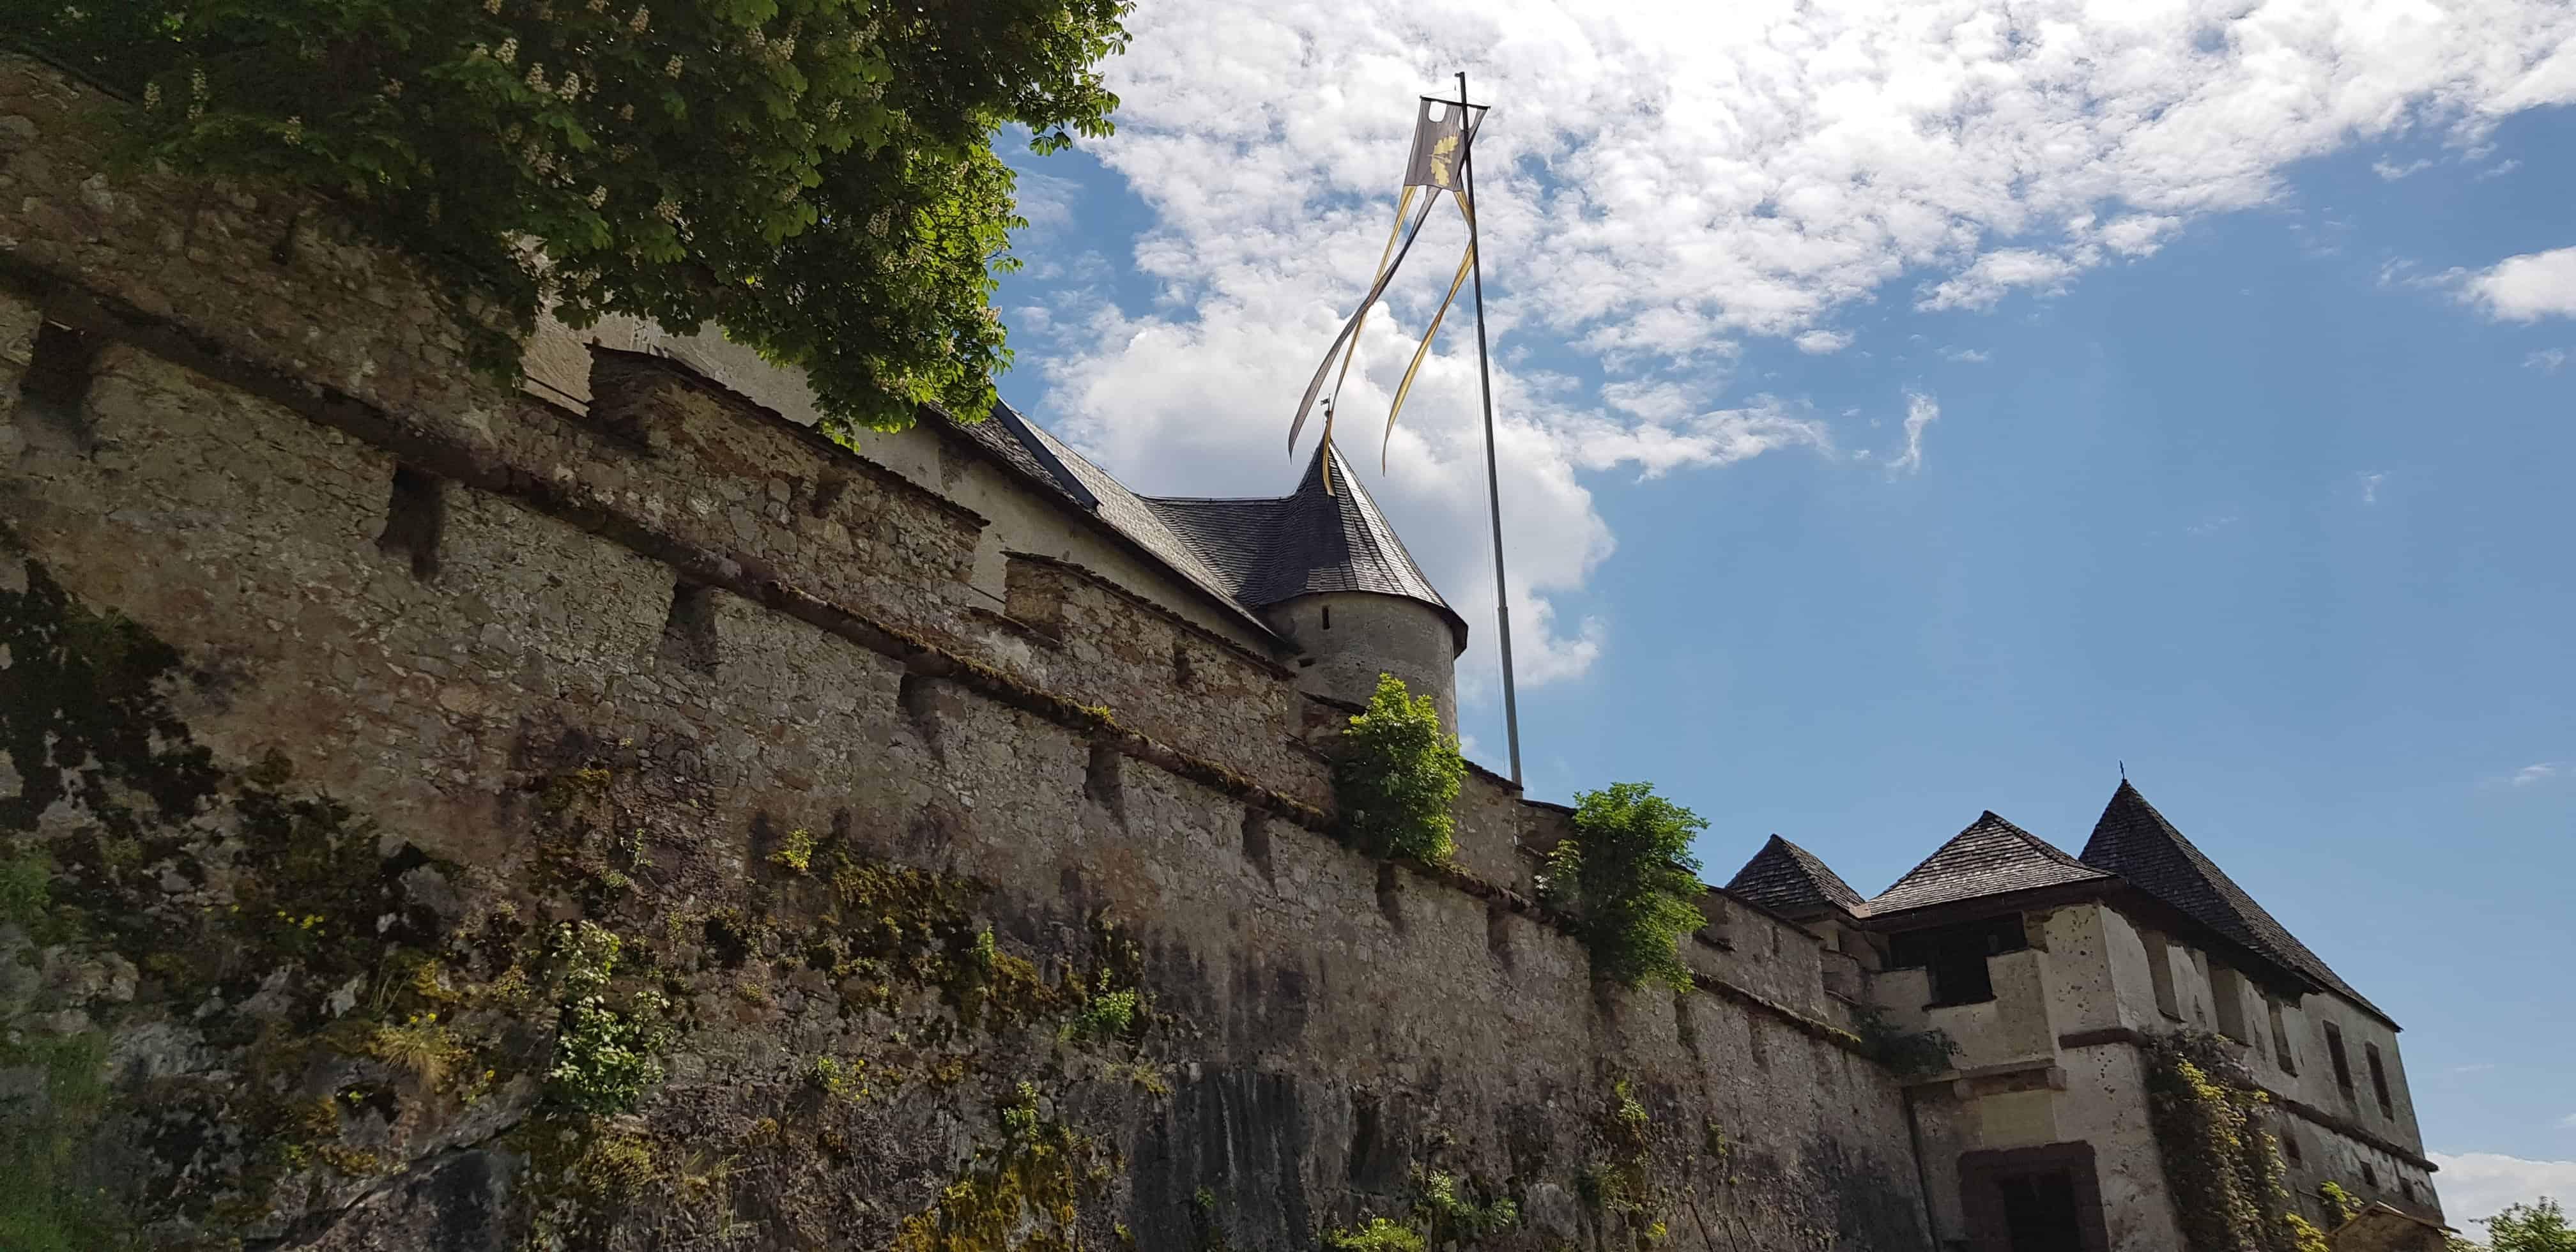 Ein umfangreiches Kulturprogramm mit Konzerten, Bilderausstellungen und Festen lädt den Besucher ein, die Burg Hochosterwitz in ihrer Vielfältigkeit zu entdecken.